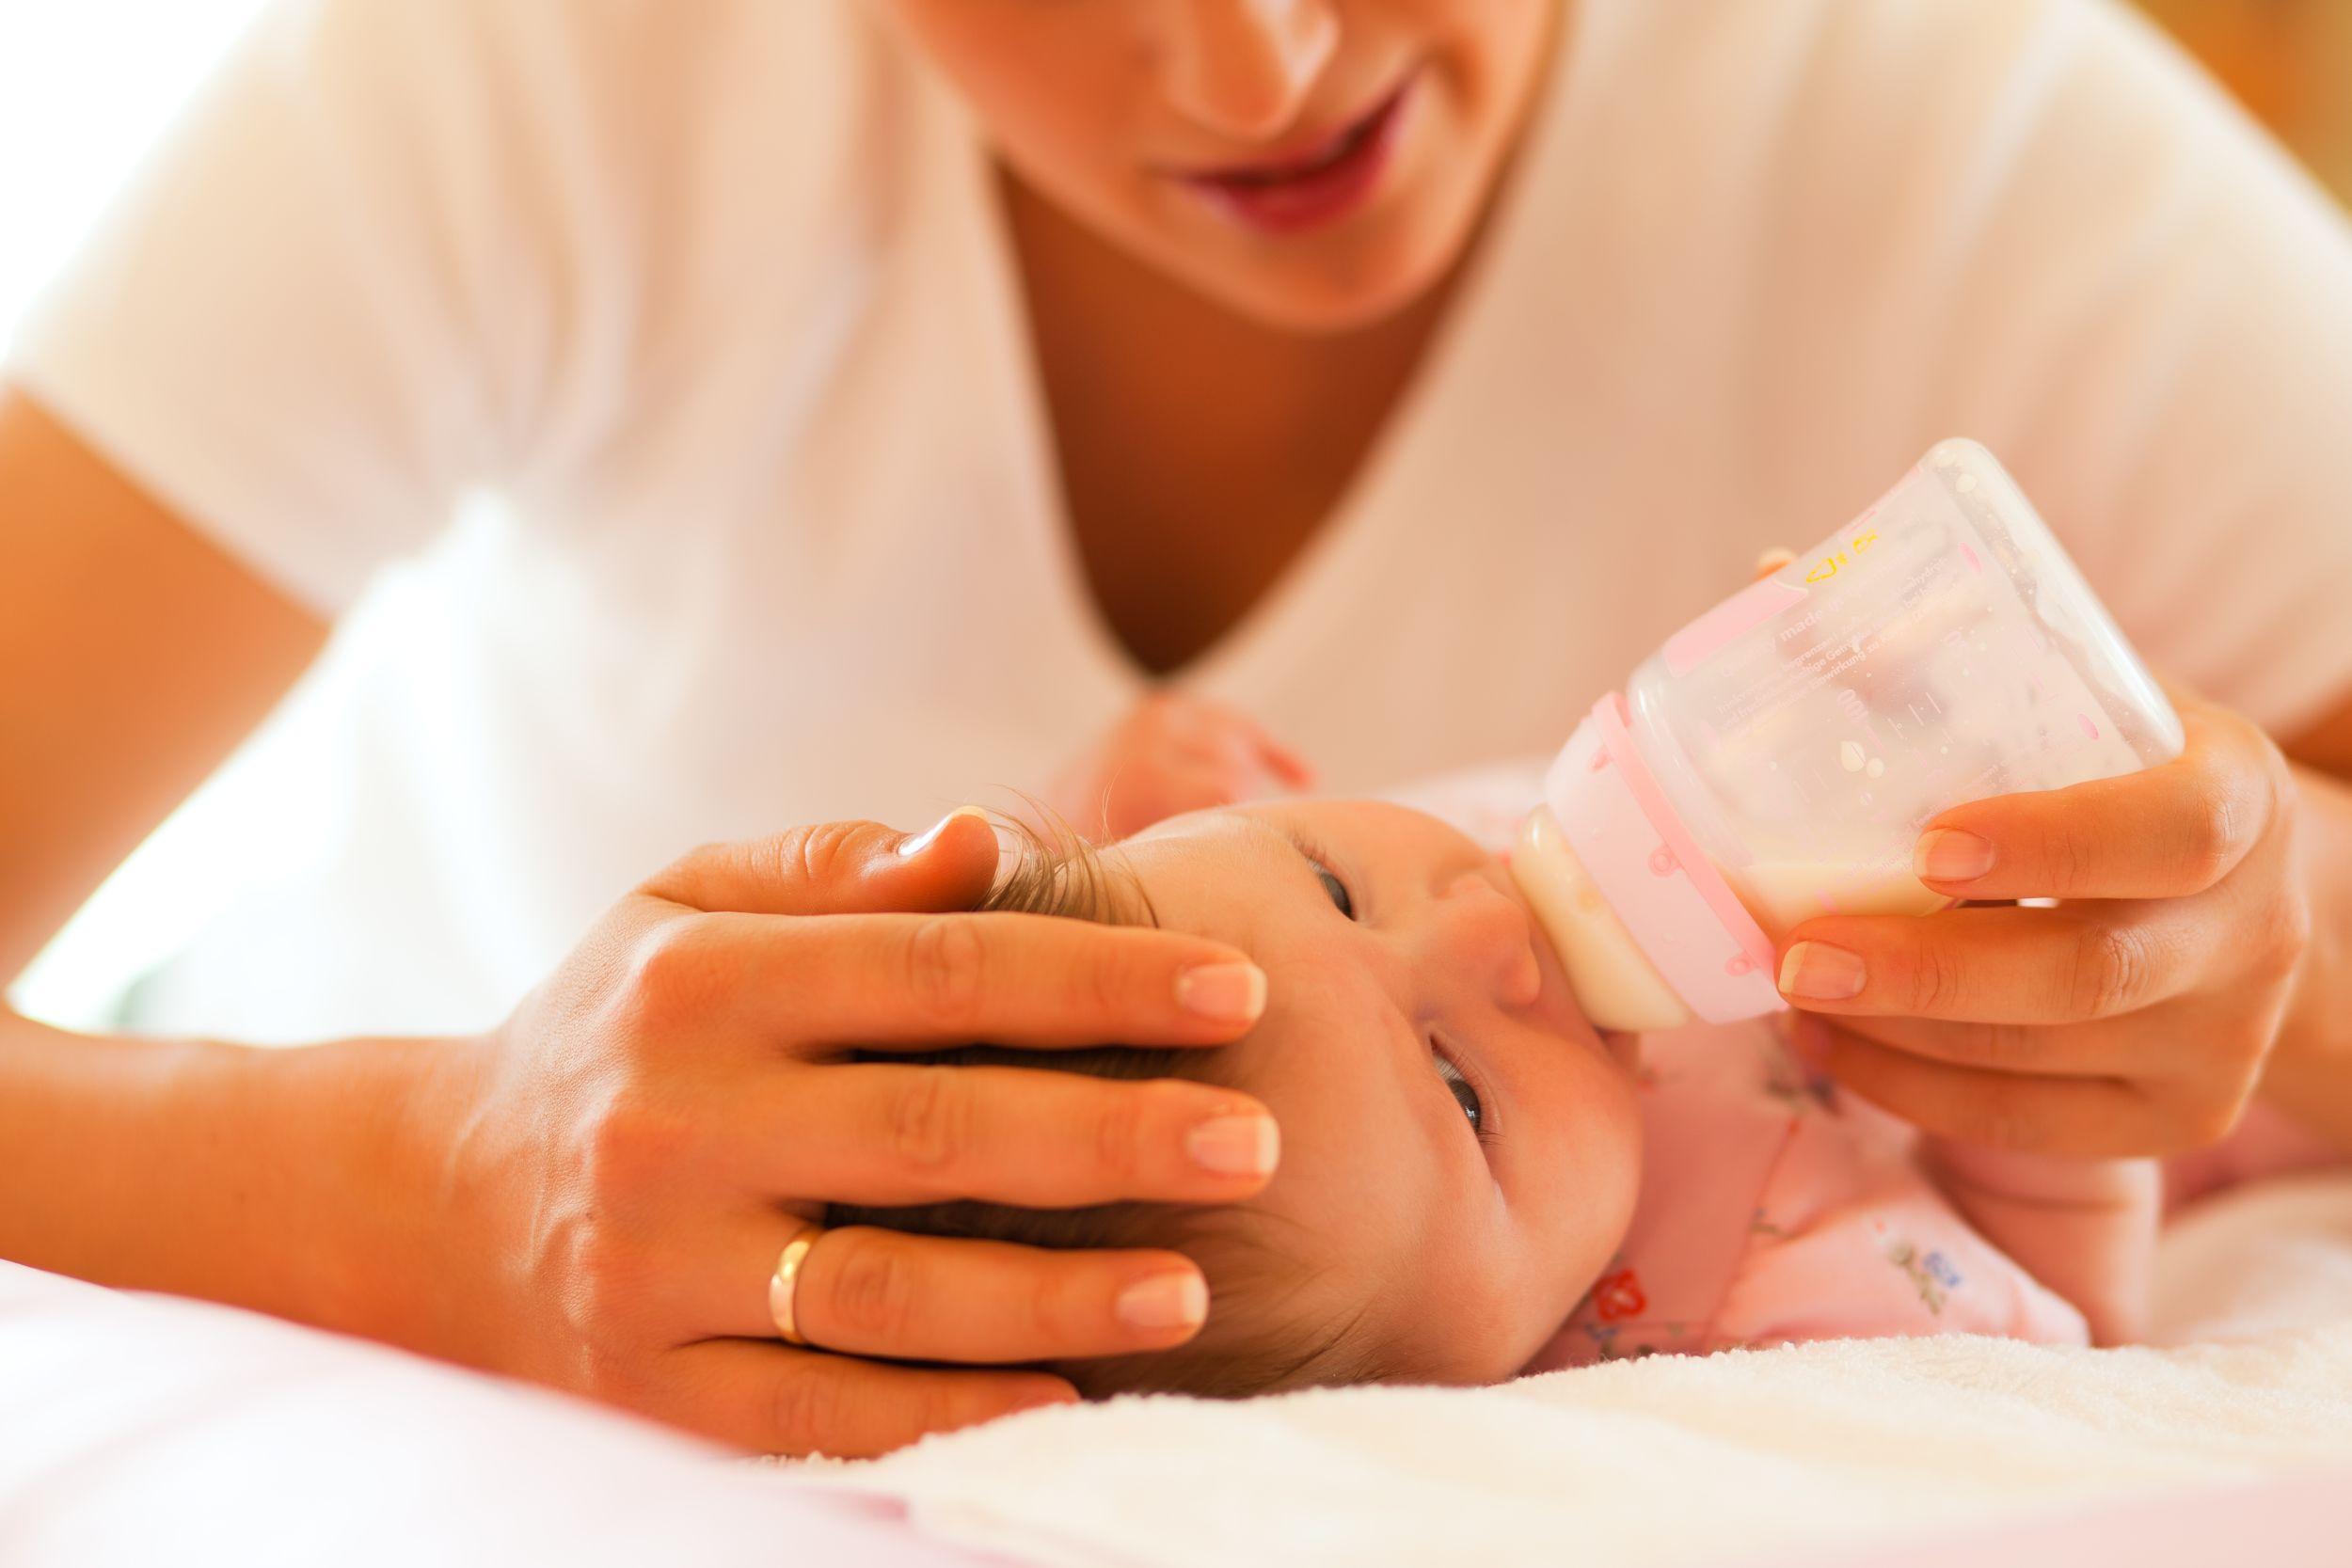 Odstawienie od karmienia piersią nie powinno być gwałtowne i radykalne, bo jest ono oparte na zaufaniu i daje dziecku poczucie bezpieczeństwa (fot. Shutterstock.com)